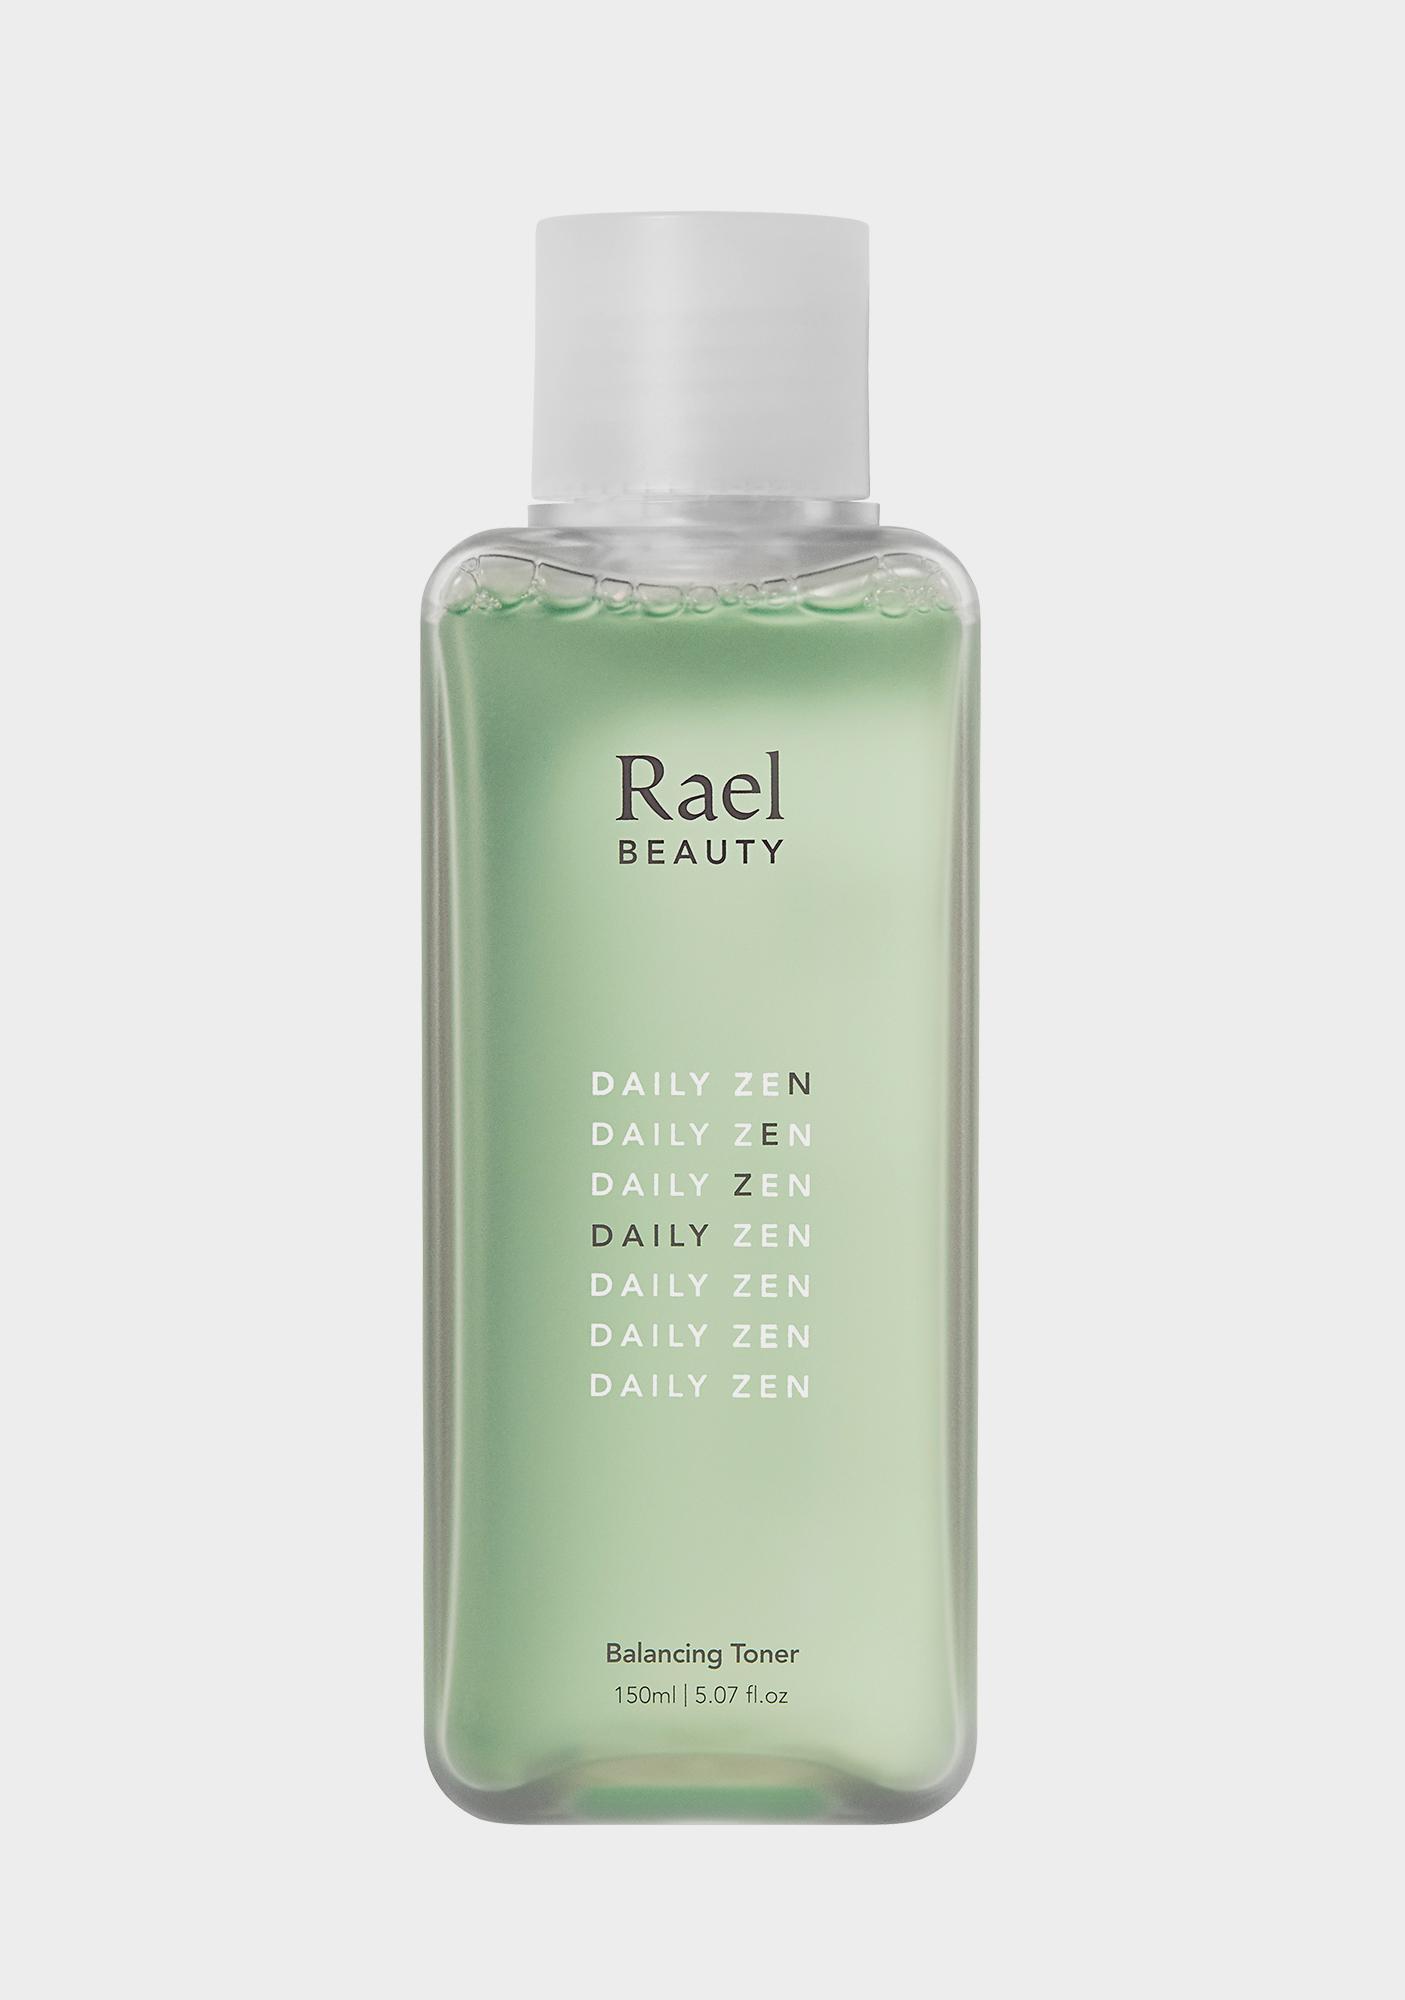 Rael Daily Zen Balancing Toner